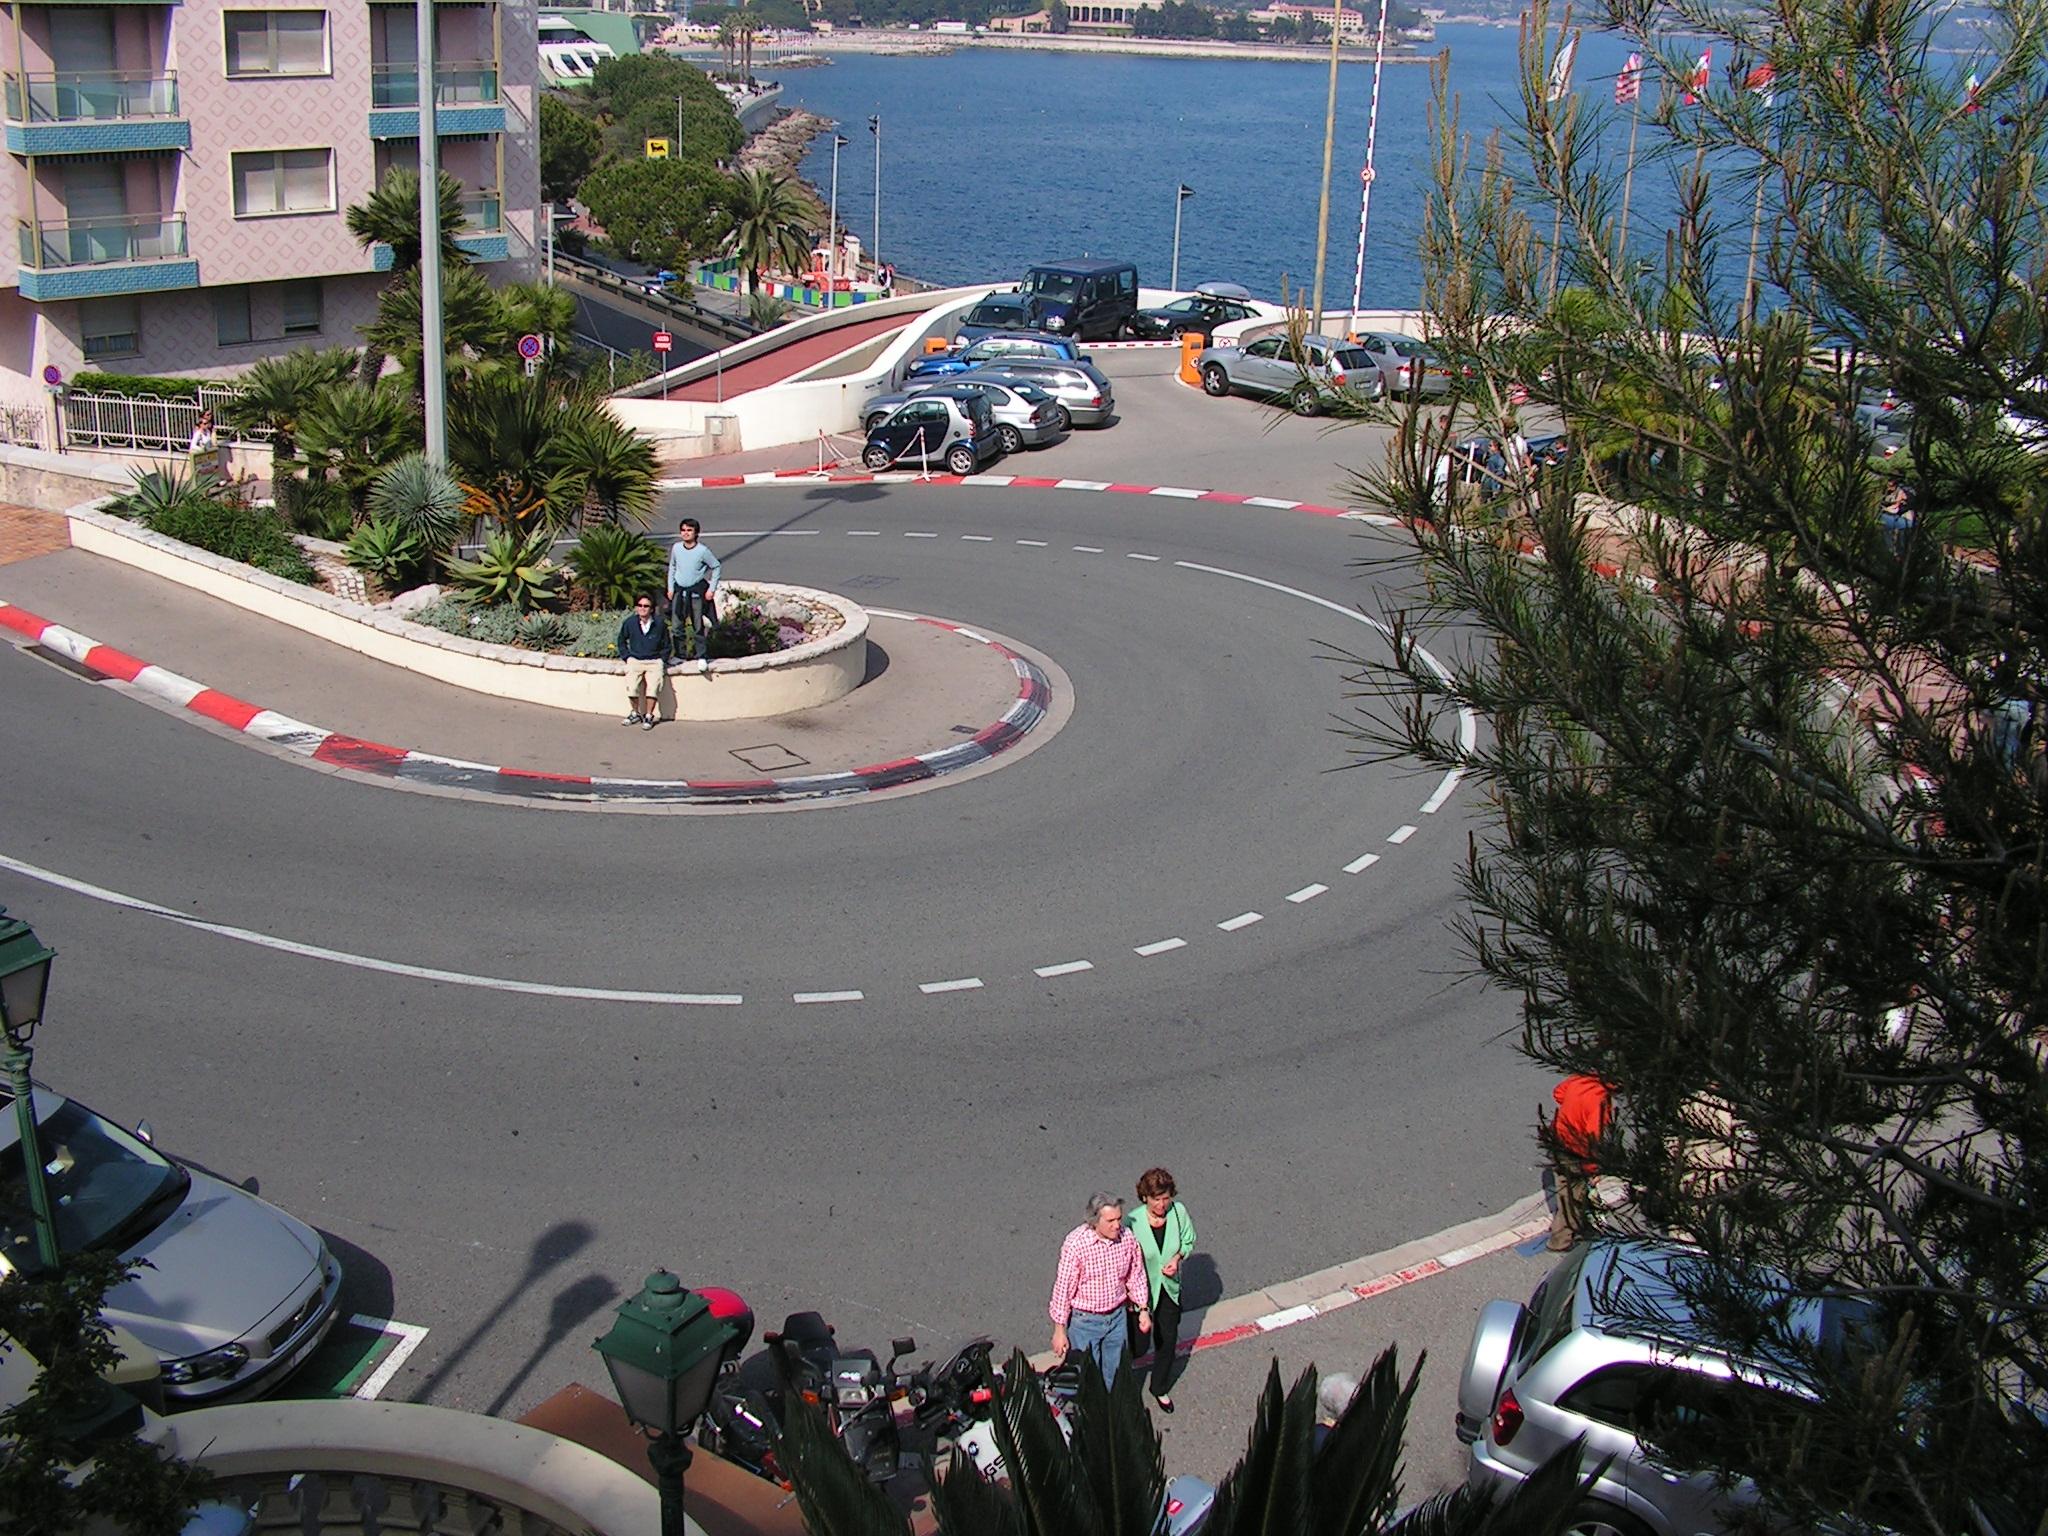 Circuito Monaco : Formula montecarlo prove orari gp monaco dirette rai